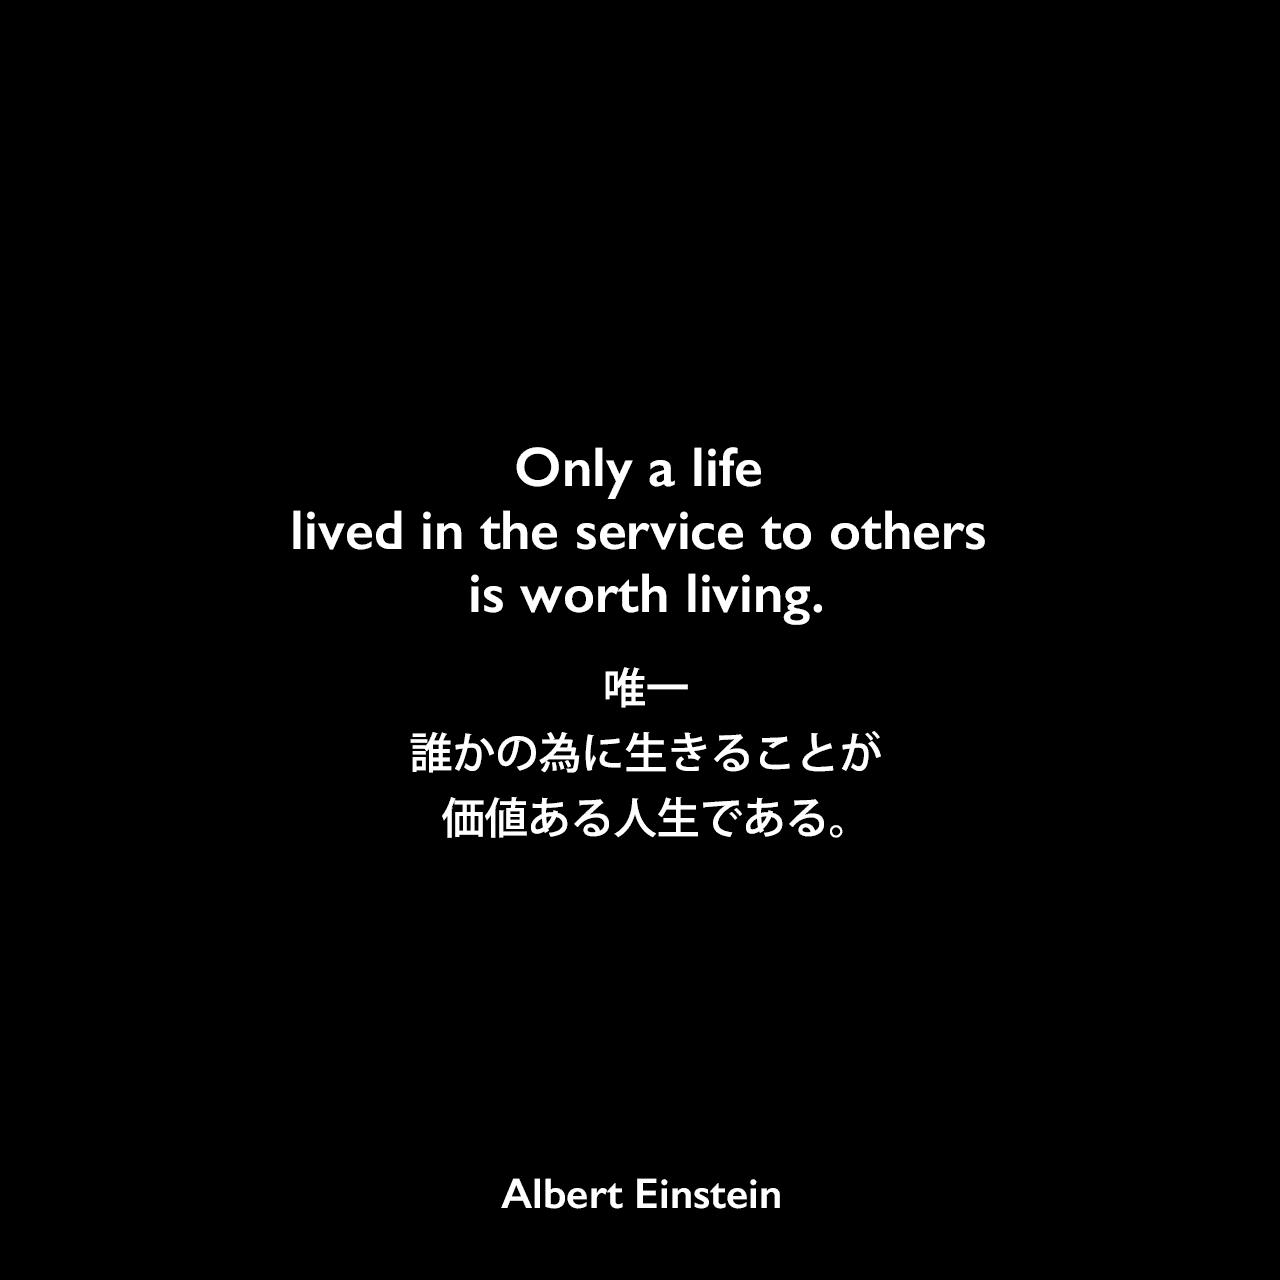 46の名言とエピソードで知るアルバート アインシュタイン 英語と和訳